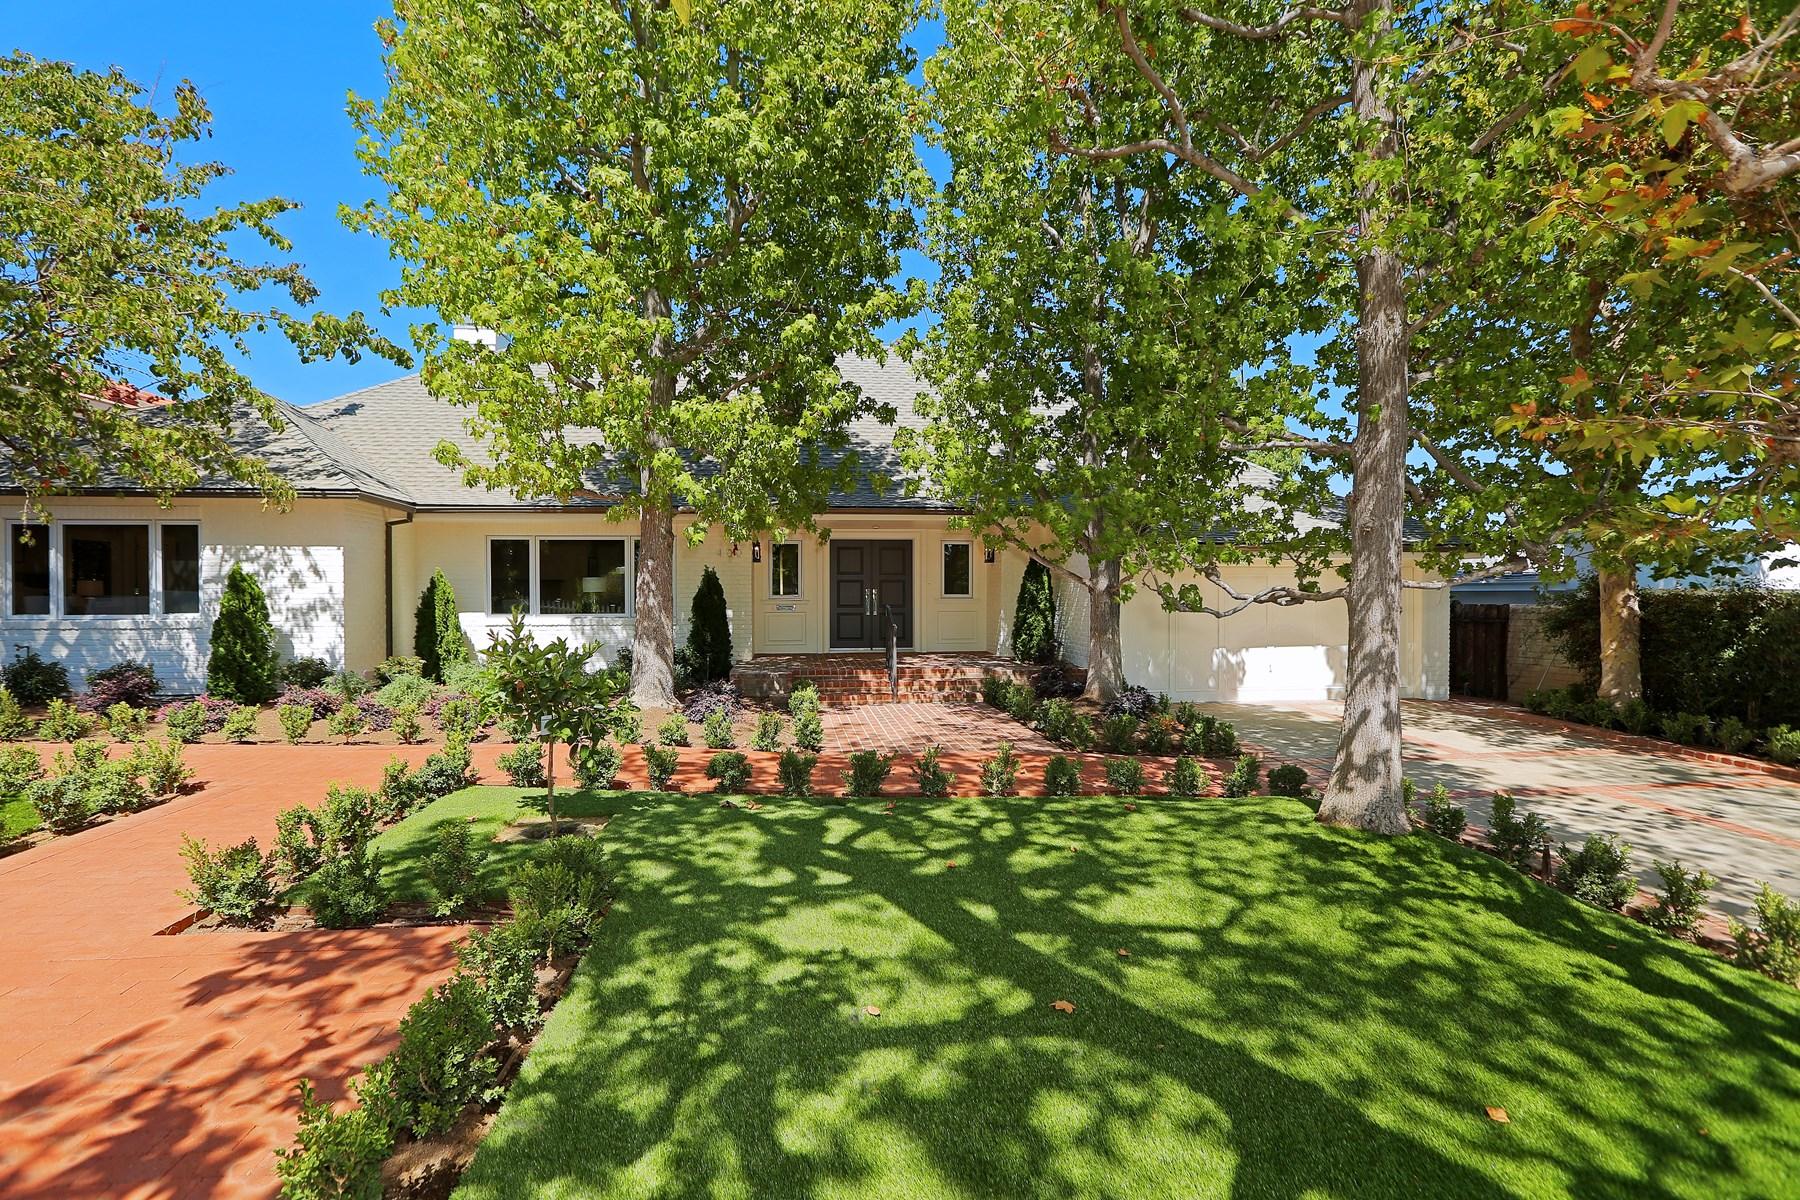 Частный односемейный дом для того Аренда на Beautifully Renovated Traditional 400 N. Saltair Avenue Los Angeles, Калифорния 90049 Соединенные Штаты